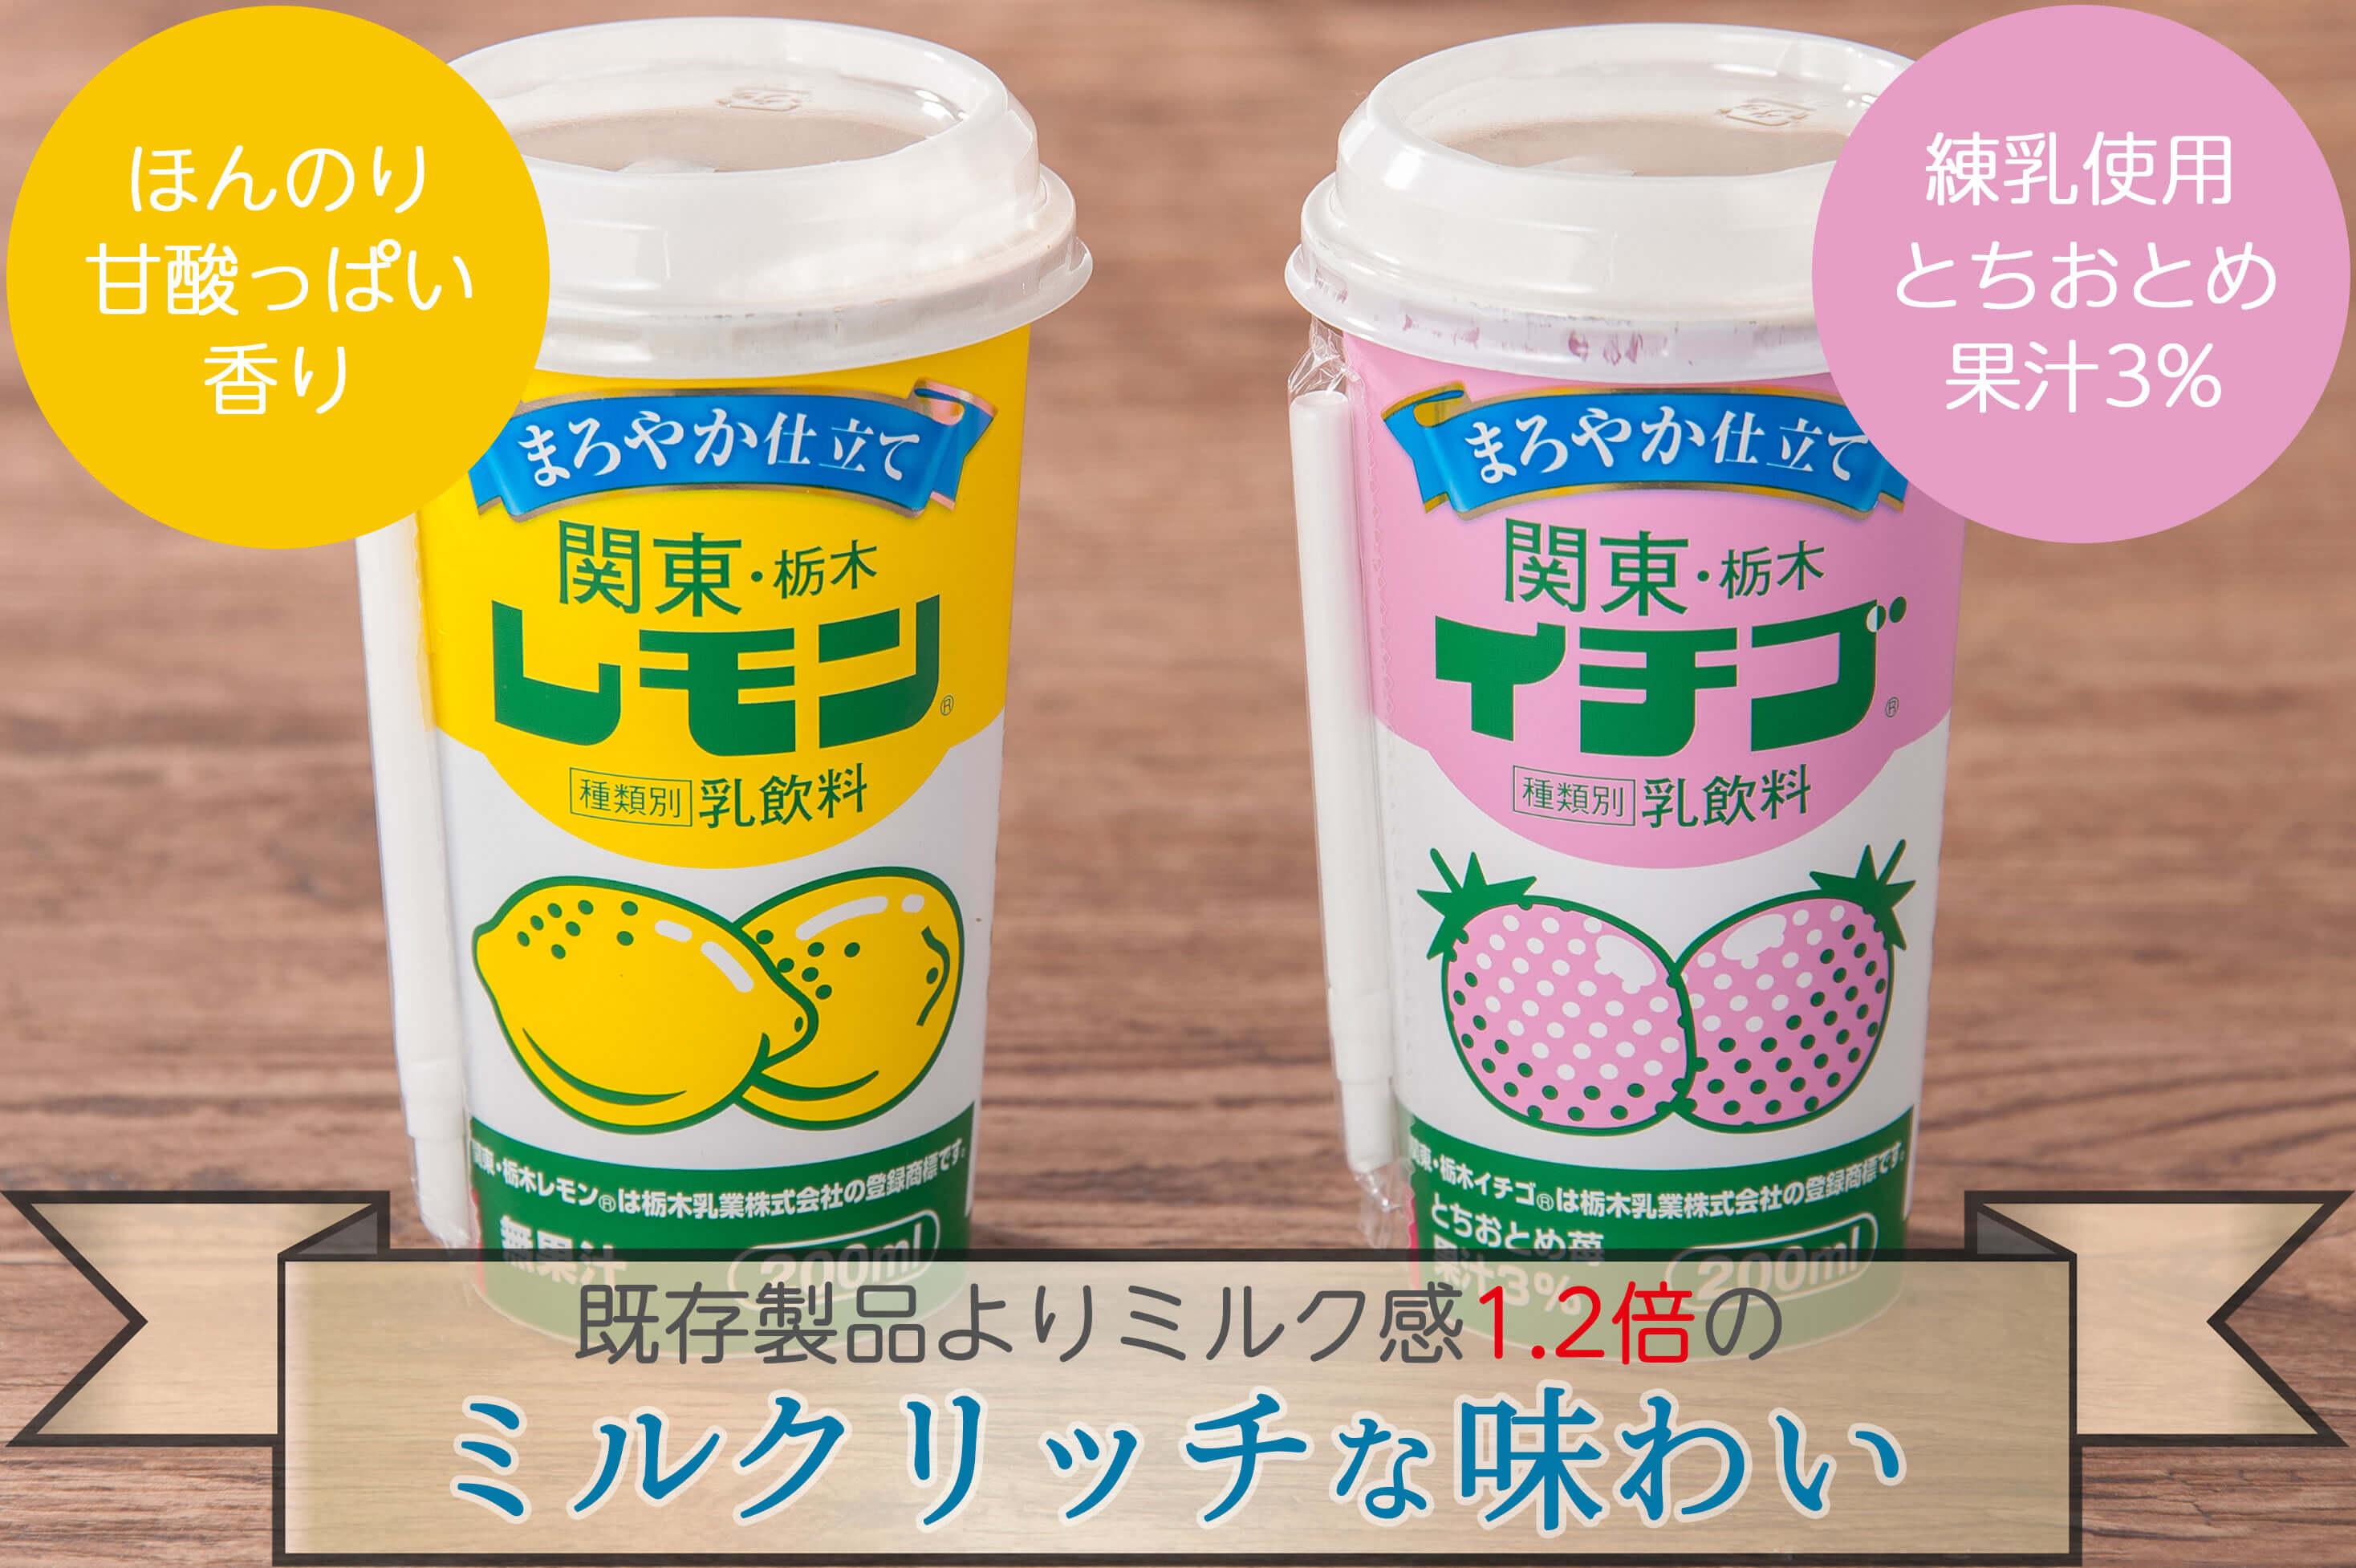 「関東・栃木レモン まろやか仕立て 200ml」「関東・栃木イチゴ まろやか仕立て 200ml」